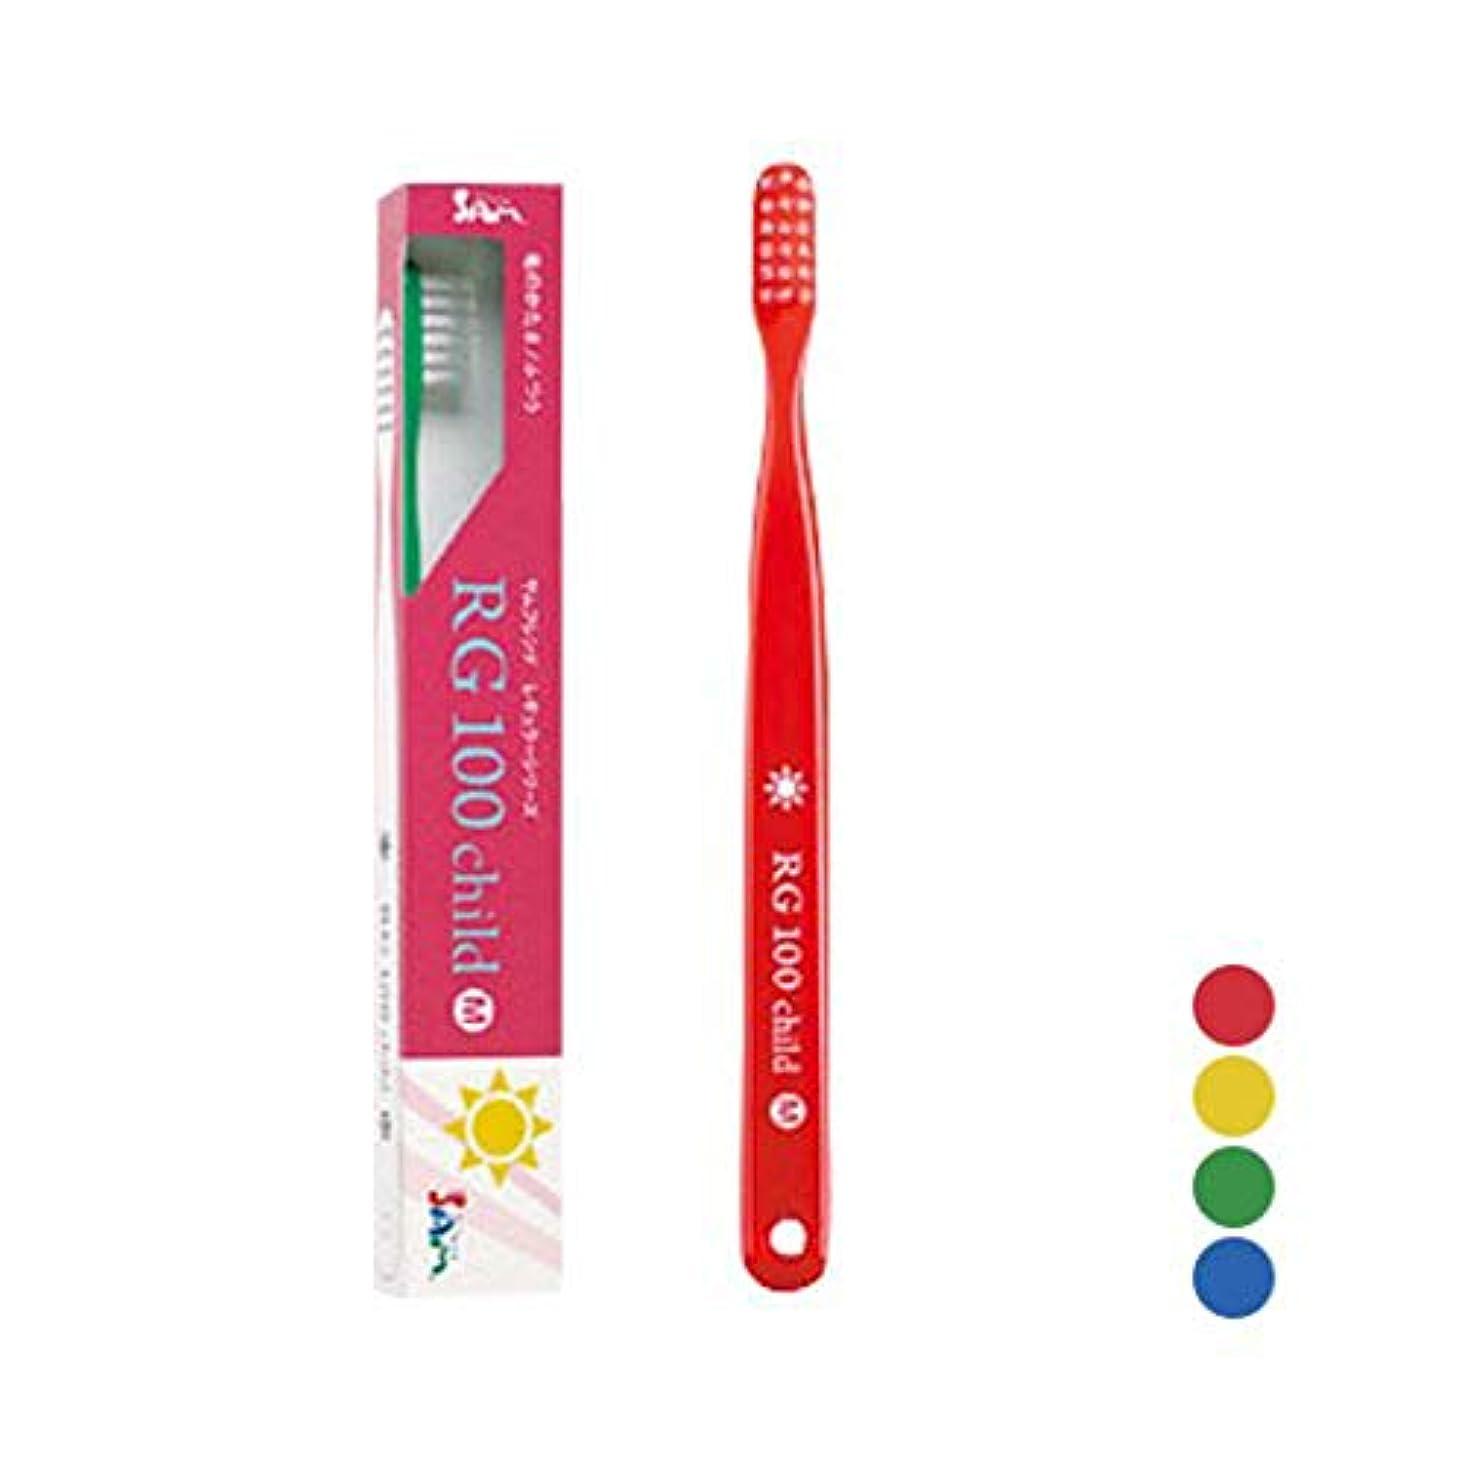 商人気難しい有限サムフレンド レギュラーシリーズ RG100 チャイルド M(ふつう)歯ブラシ × 12本